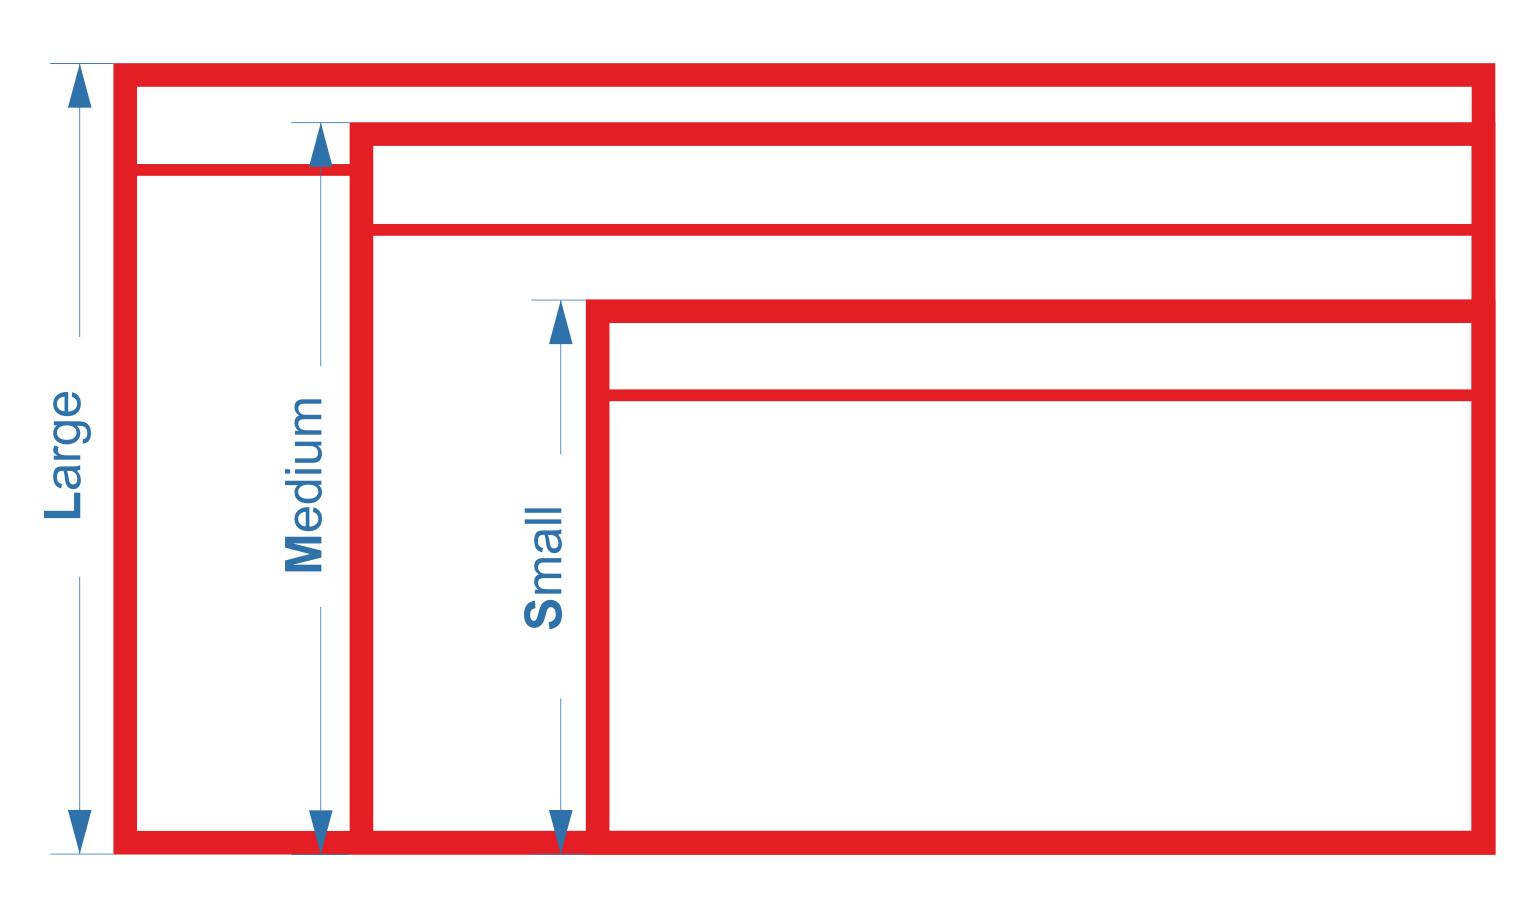 размеры магнитных карточек для Scrum команд с окантовкой